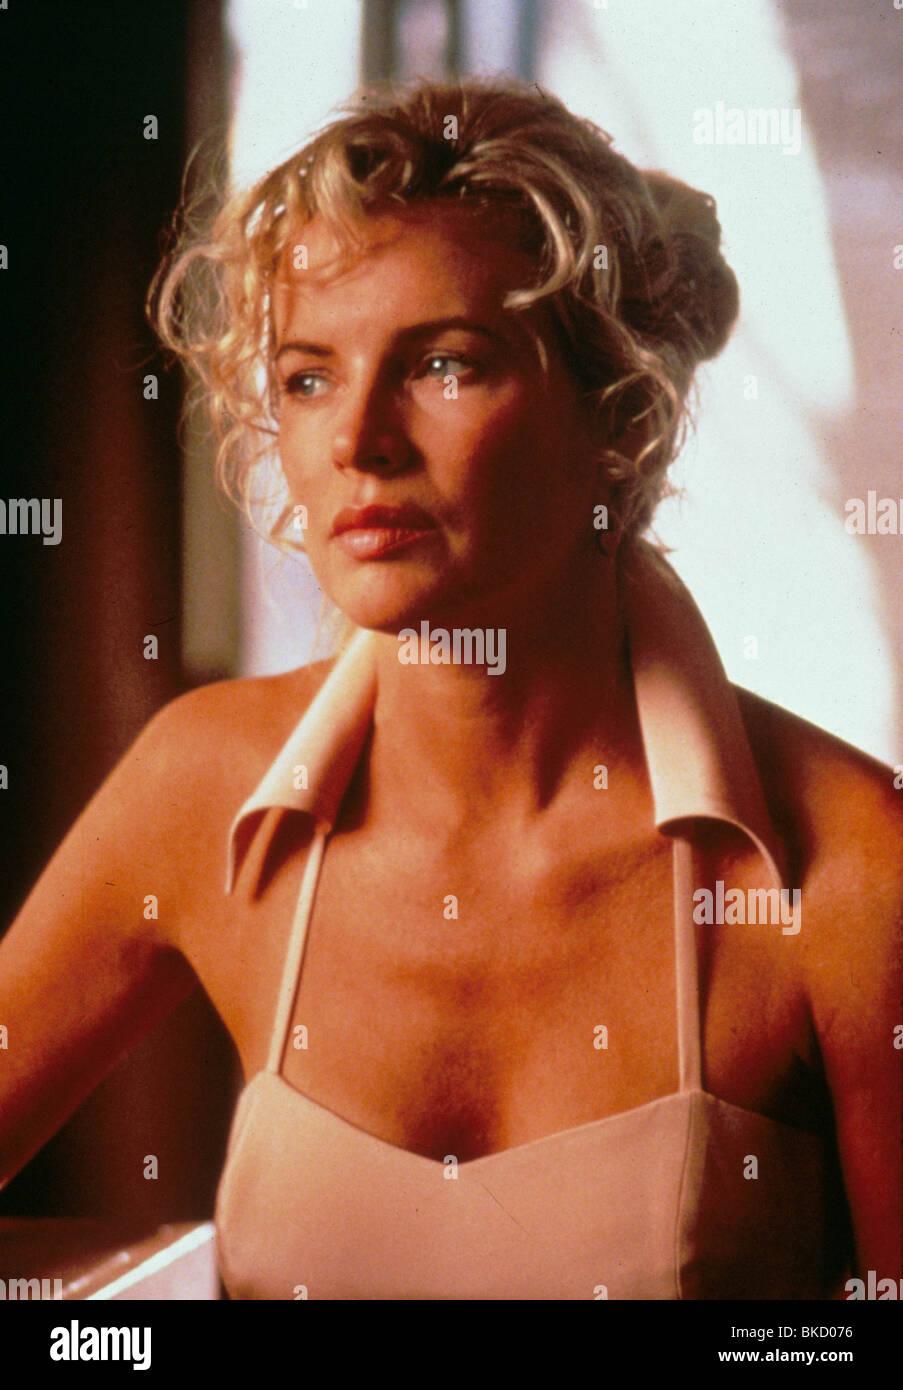 THE GETAWAY -1993 KIM BASINGER - Stock Image